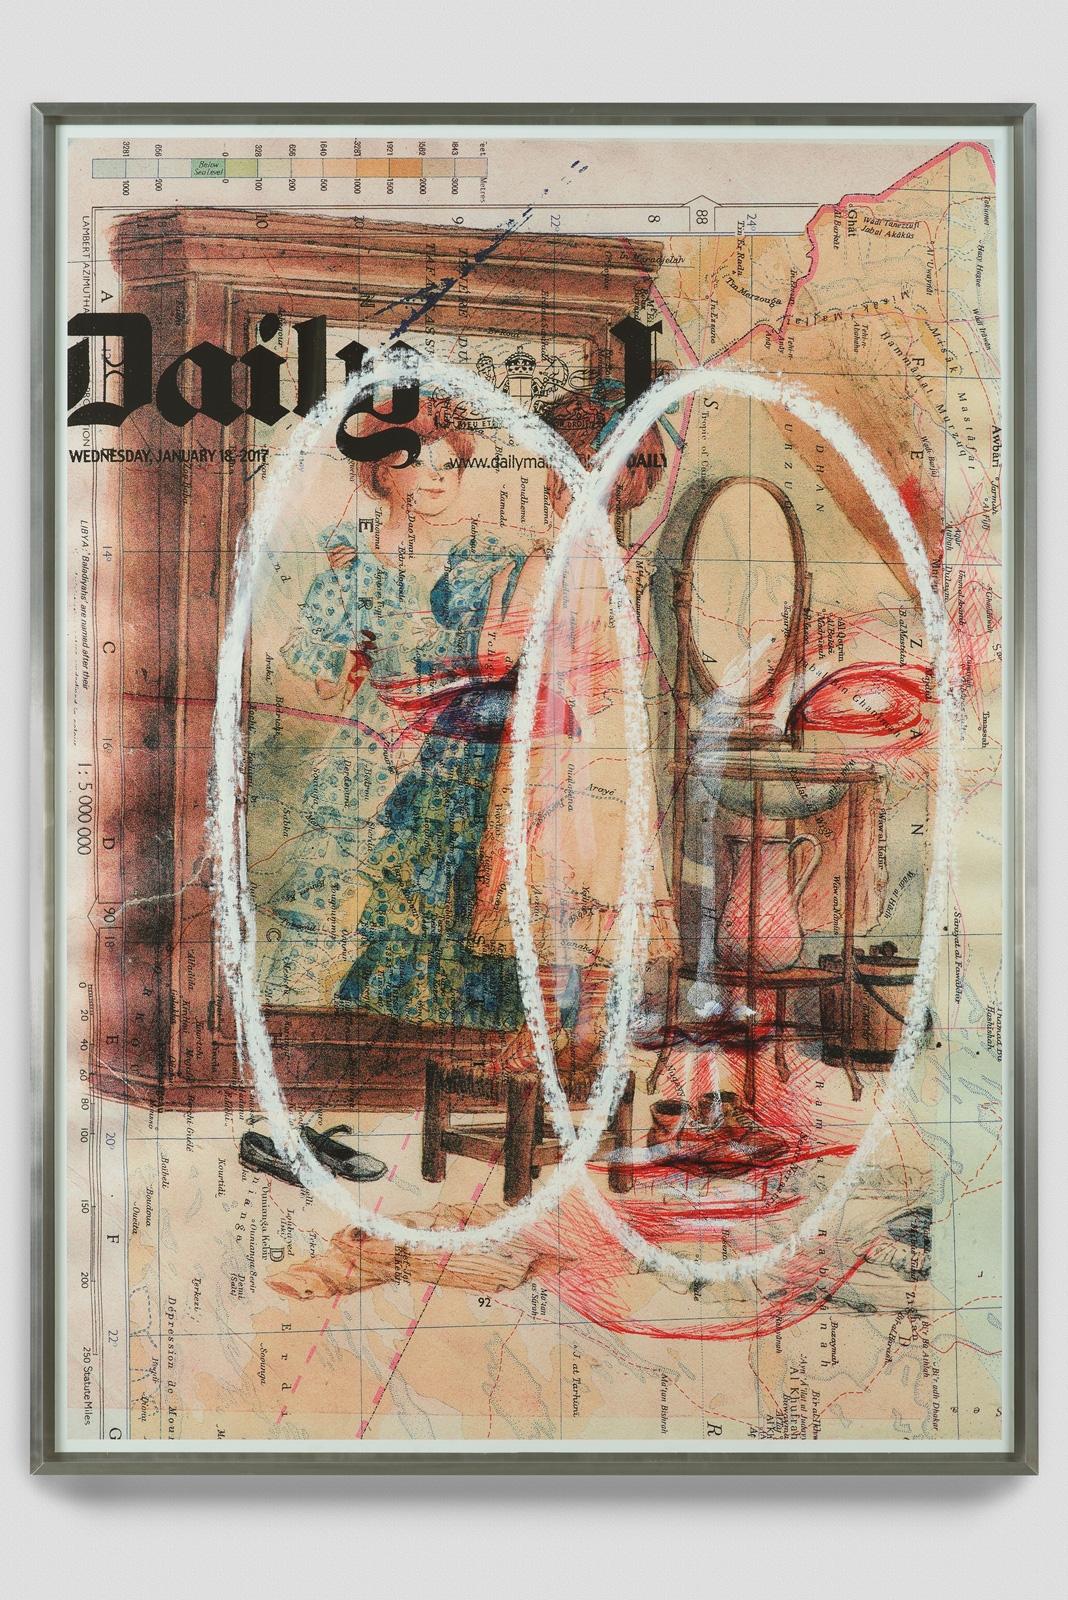 MANDY EL-SAYEGH, Daily (double), 2019